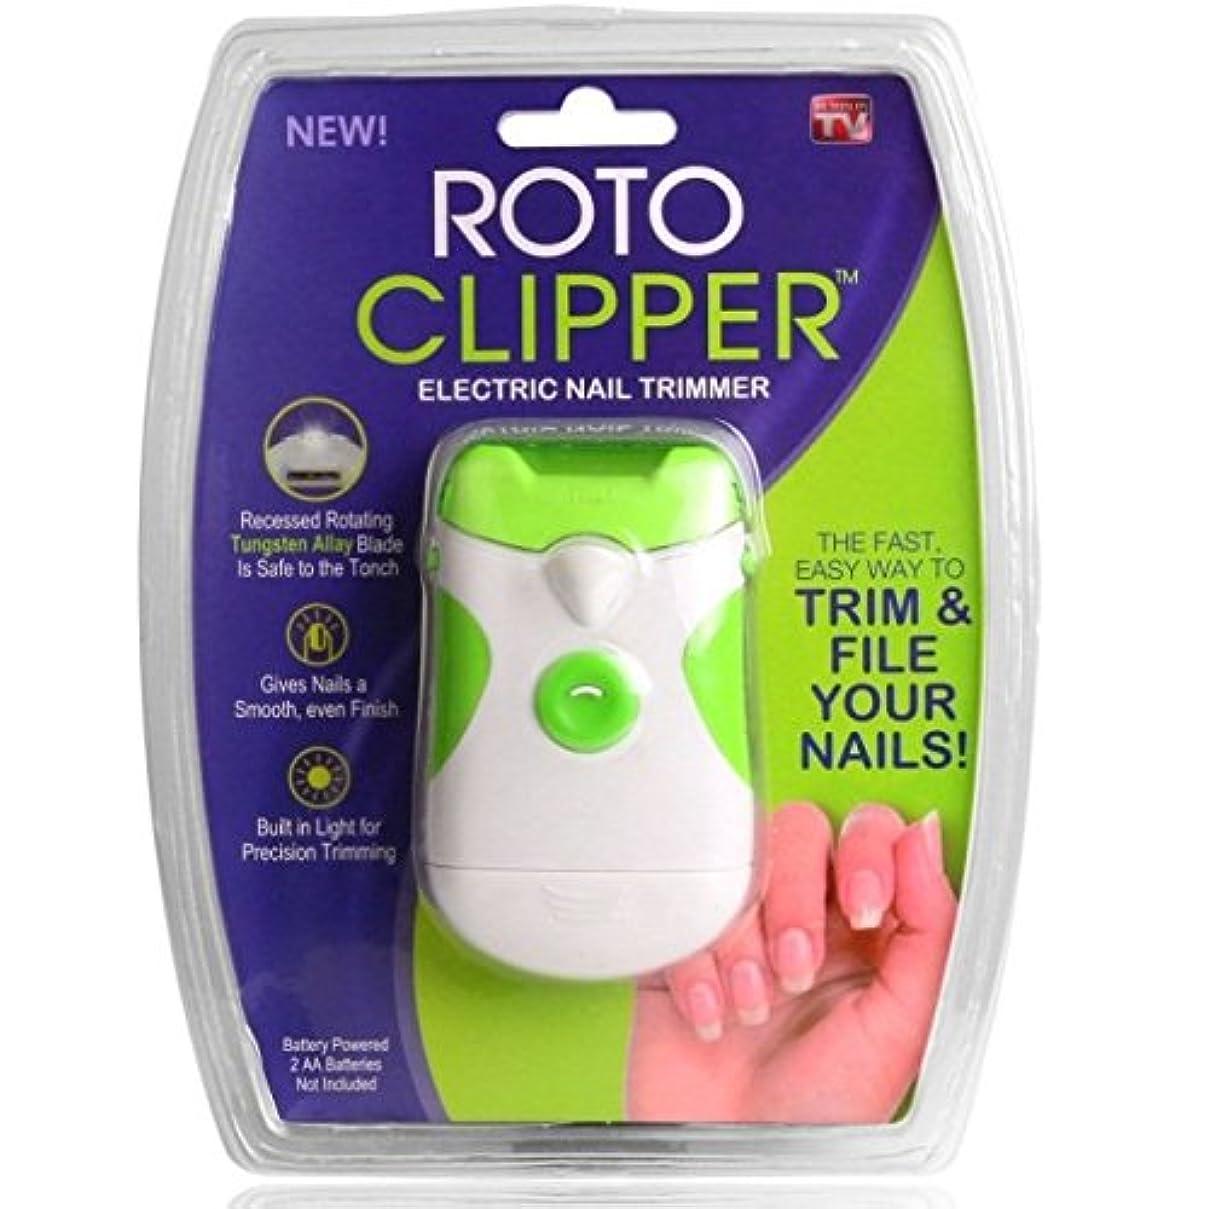 放課後支援日常的にROTO 電動 爪やすり 爪切り 巻き爪 ネイルケア 爪のトラブル 電池式 LEDライト付き 【並行輸入品】